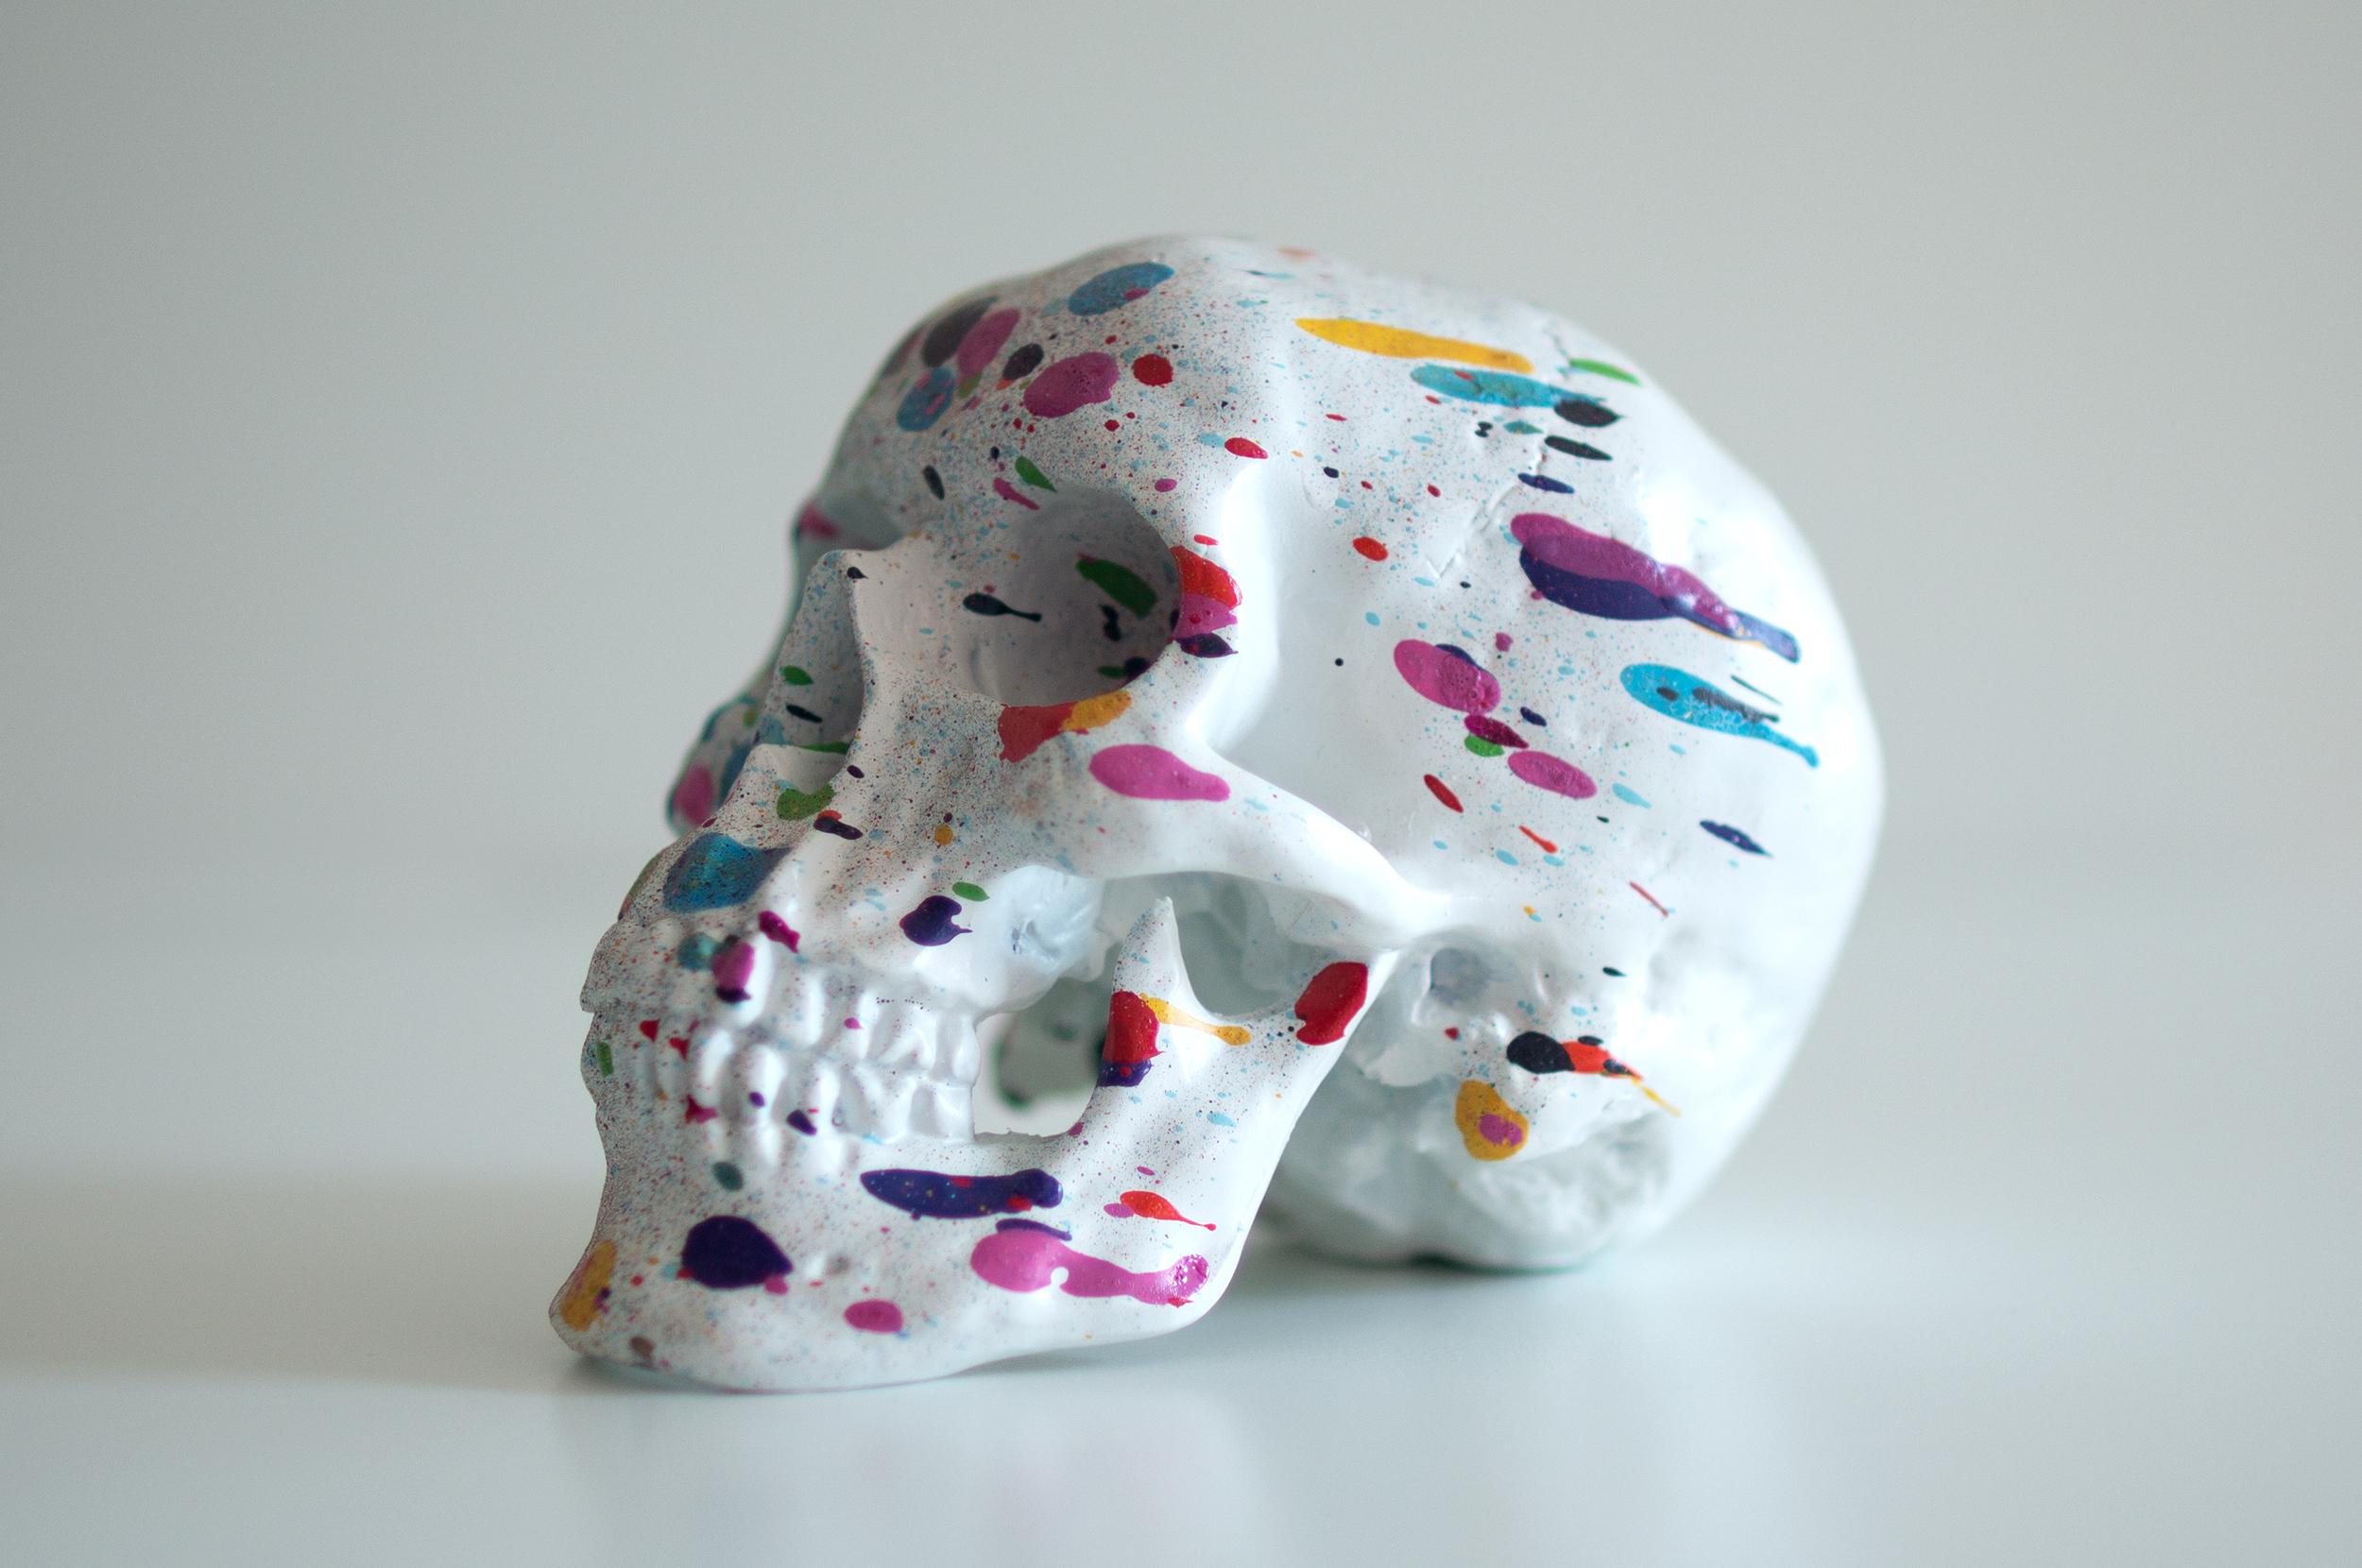 AntonioBrasko-BraskoDesign-Skullpture-Art-1.jpg